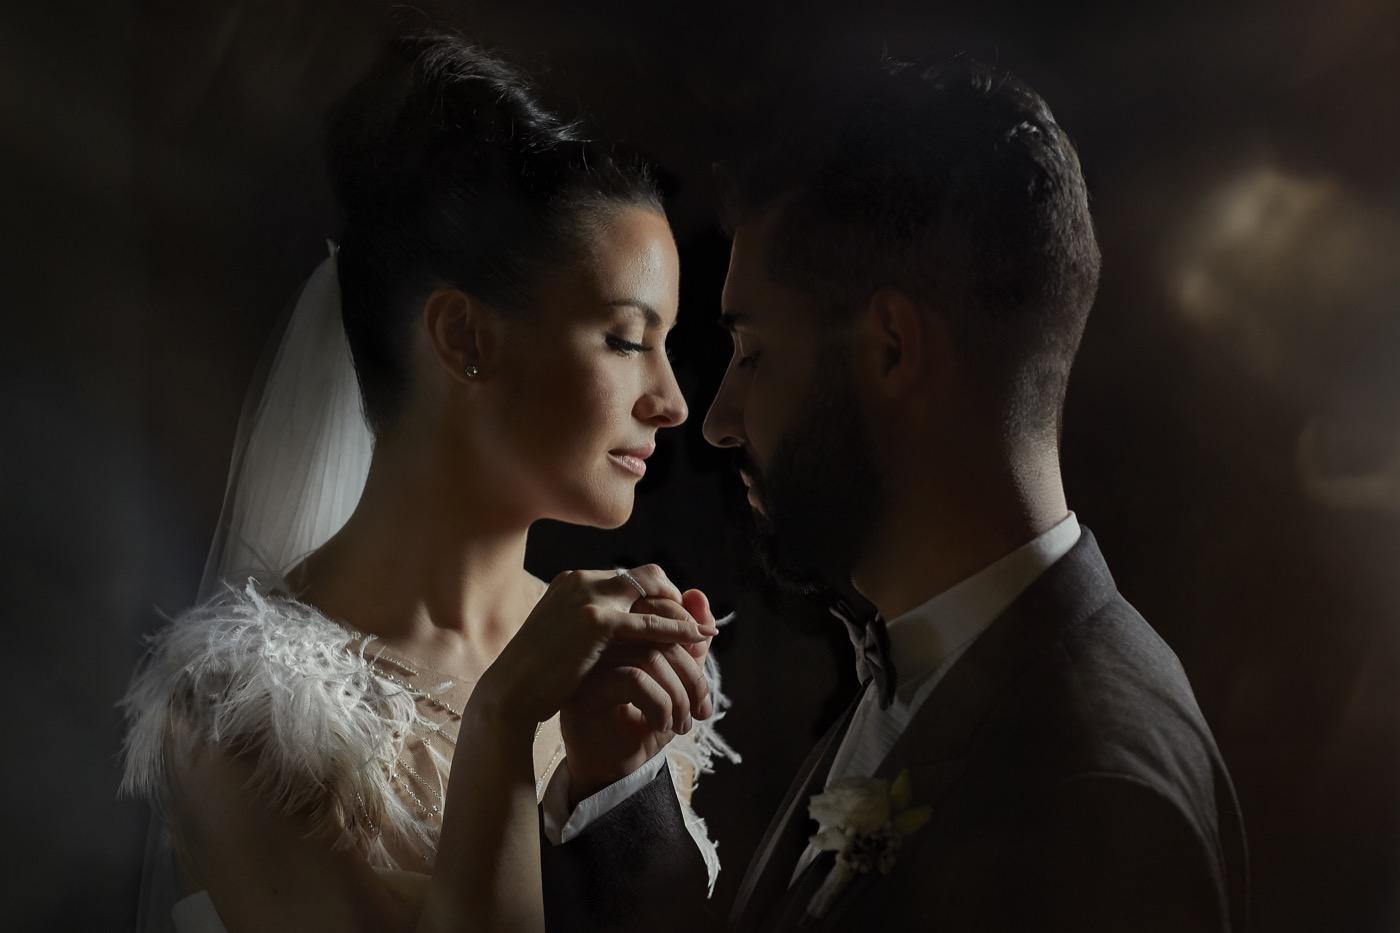 Claudio-Coppola-wedding-photographer-villa-del-cardinale-rocca-di-papa-castel-gandolfo-89